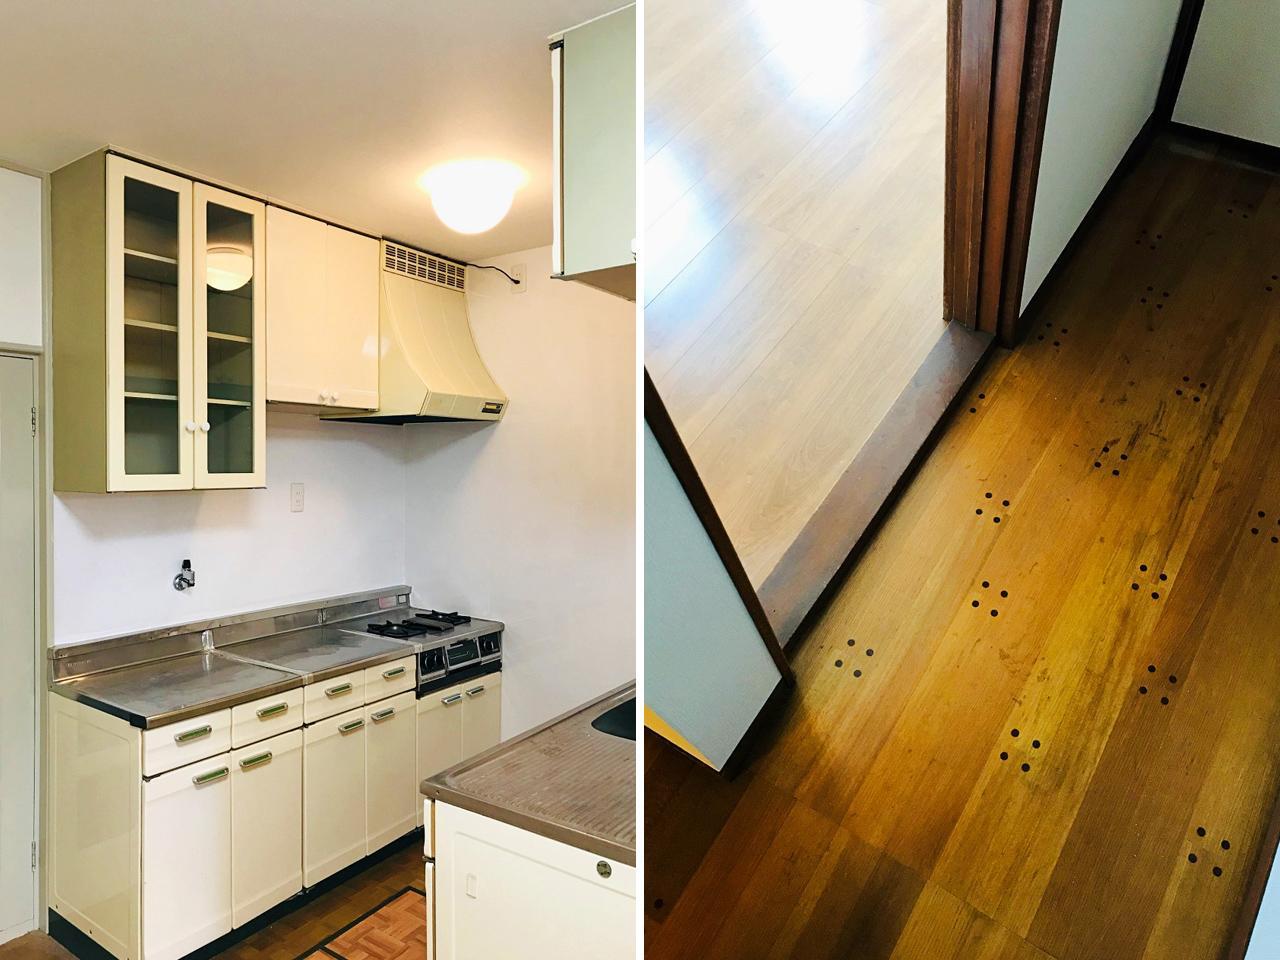 レトロなキッチン(左)とめずらしい床材(右)